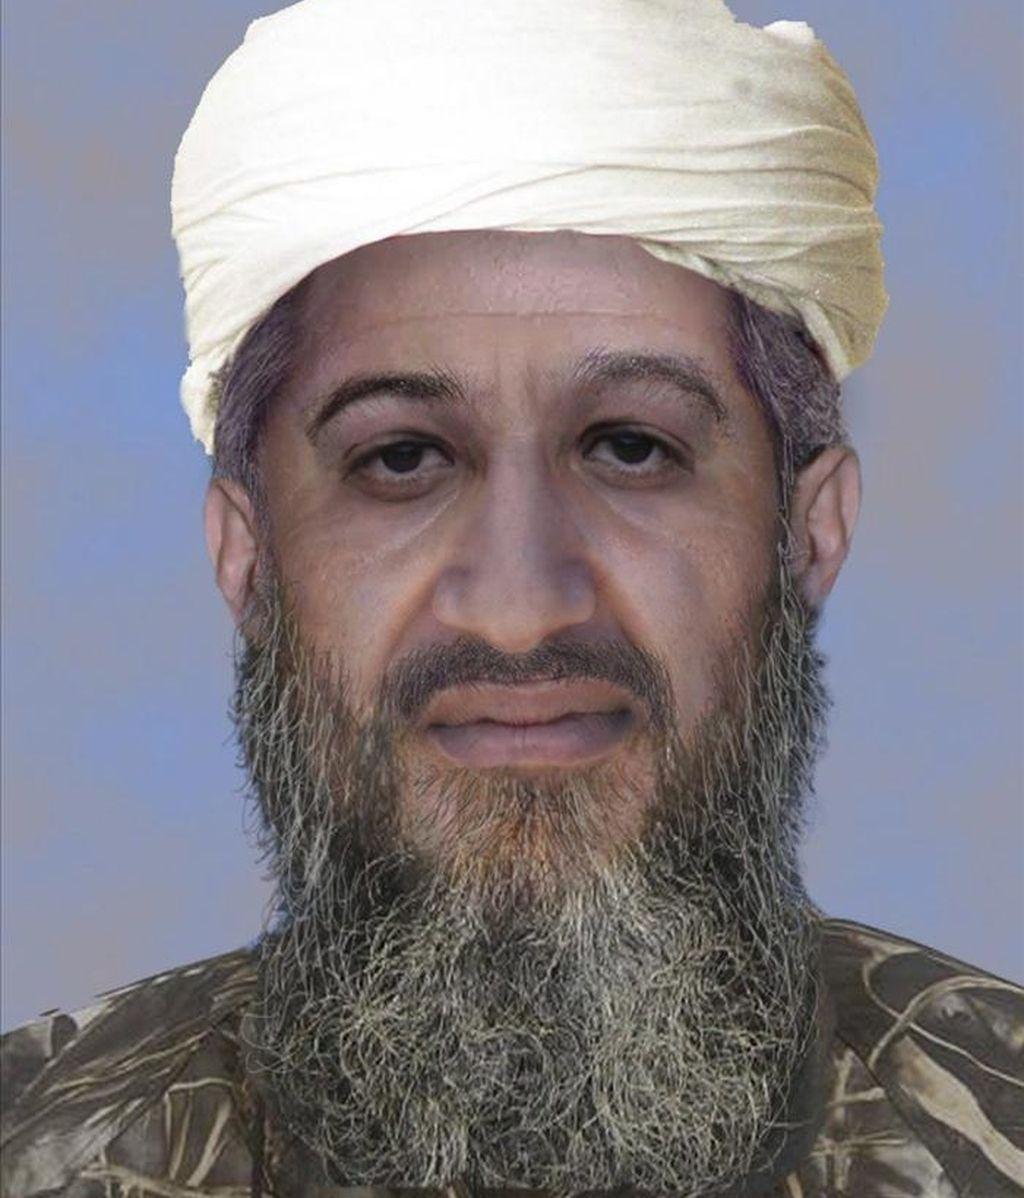 """Fotografía de archivo facilitada el 15 de enero de 2010 por el FBI que muestra la """"progresión de edad"""" del líder de Al Qaeda, Osama Bin Laden, realizada por medios digitales para mostrar el aspecto físico que podría tener en la actualidad. EFE"""